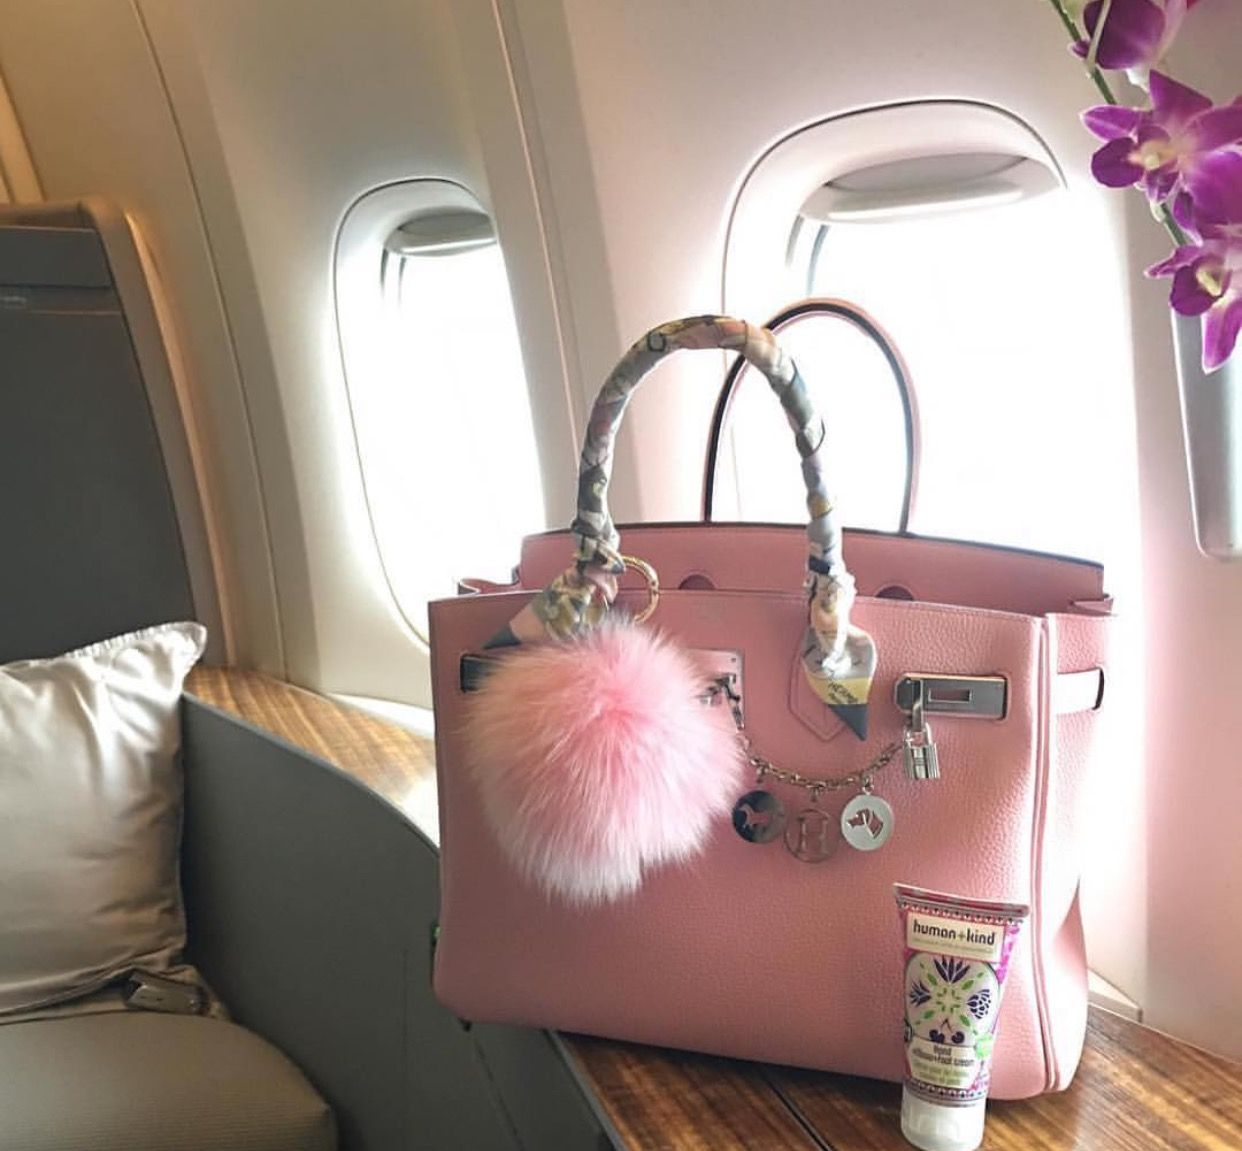 Pastel Hermes Birkin Bag